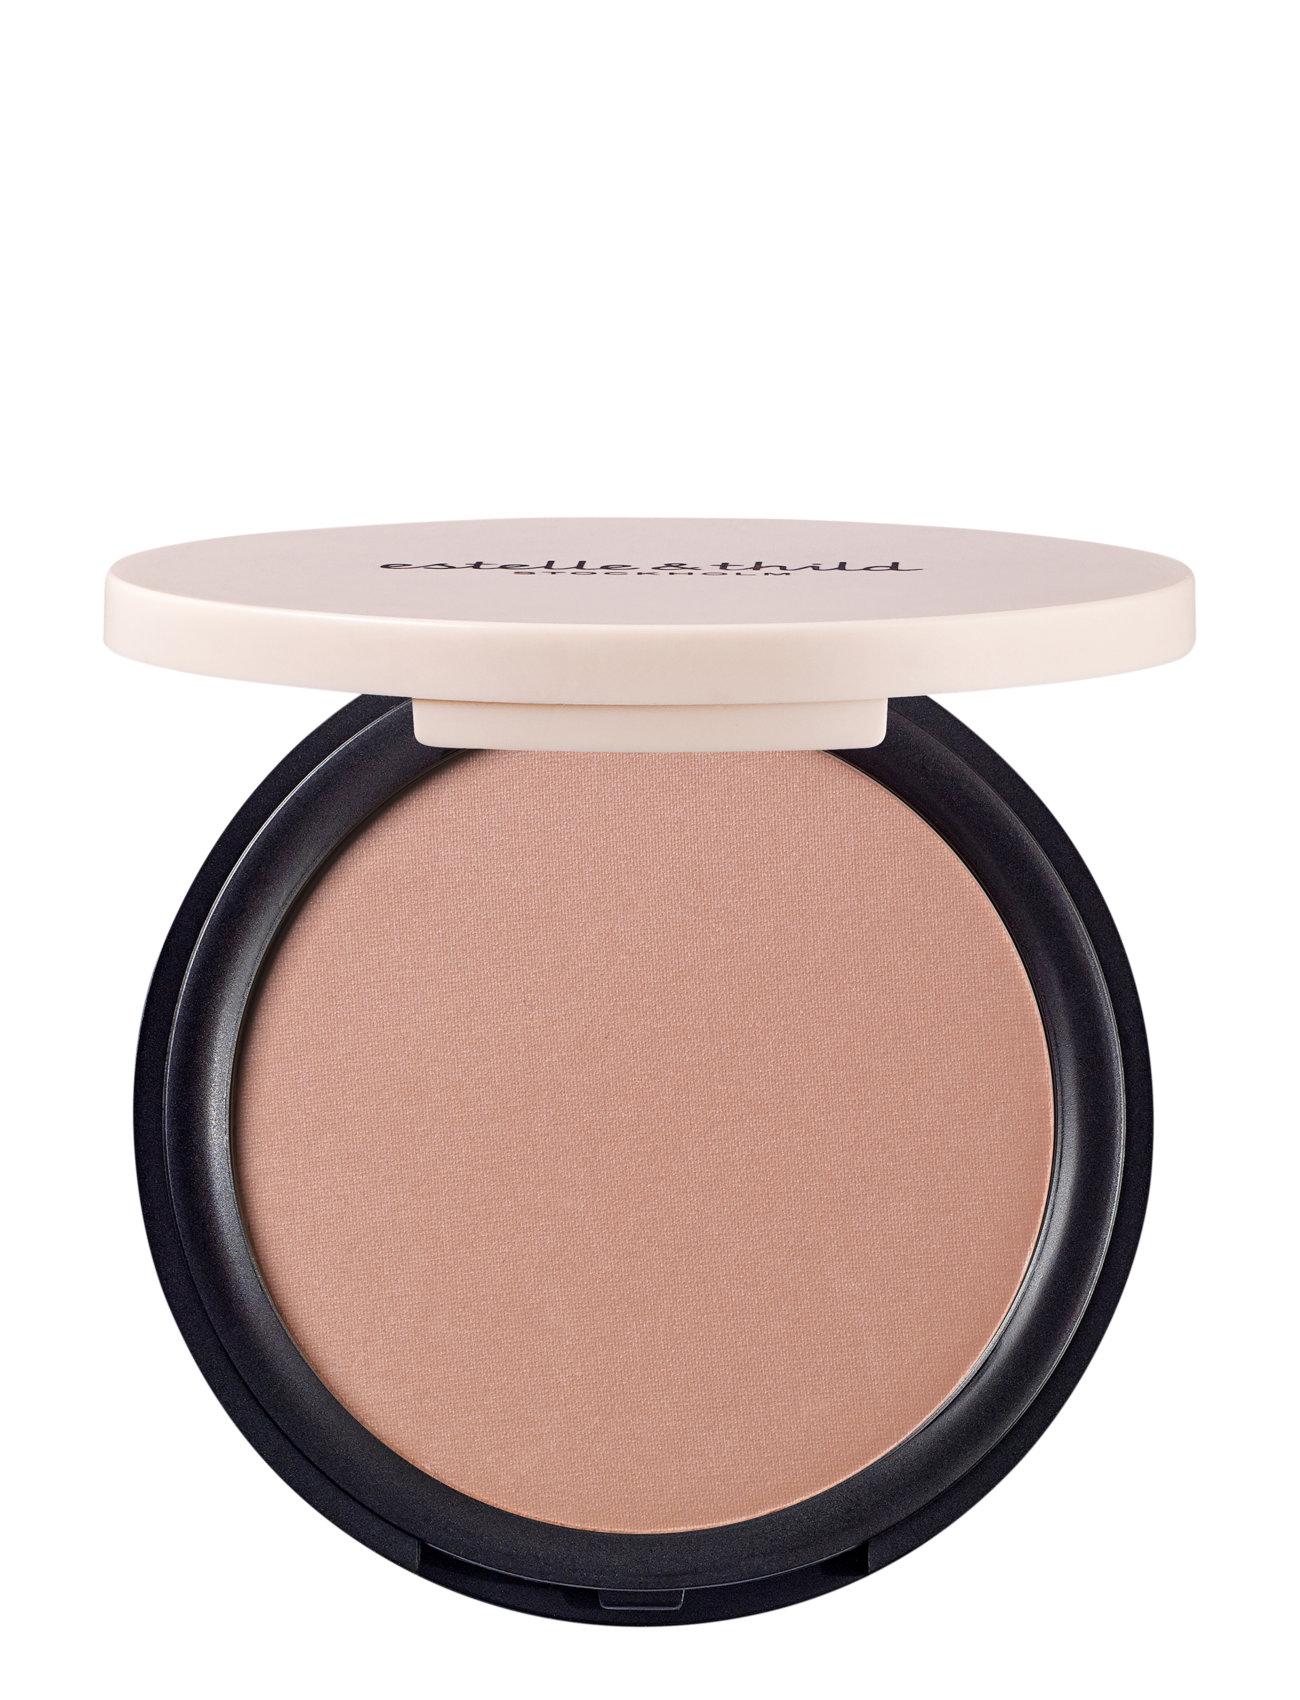 Biomineral Fresh Glow Satin Blush Soft Pink - Estelle & Thild